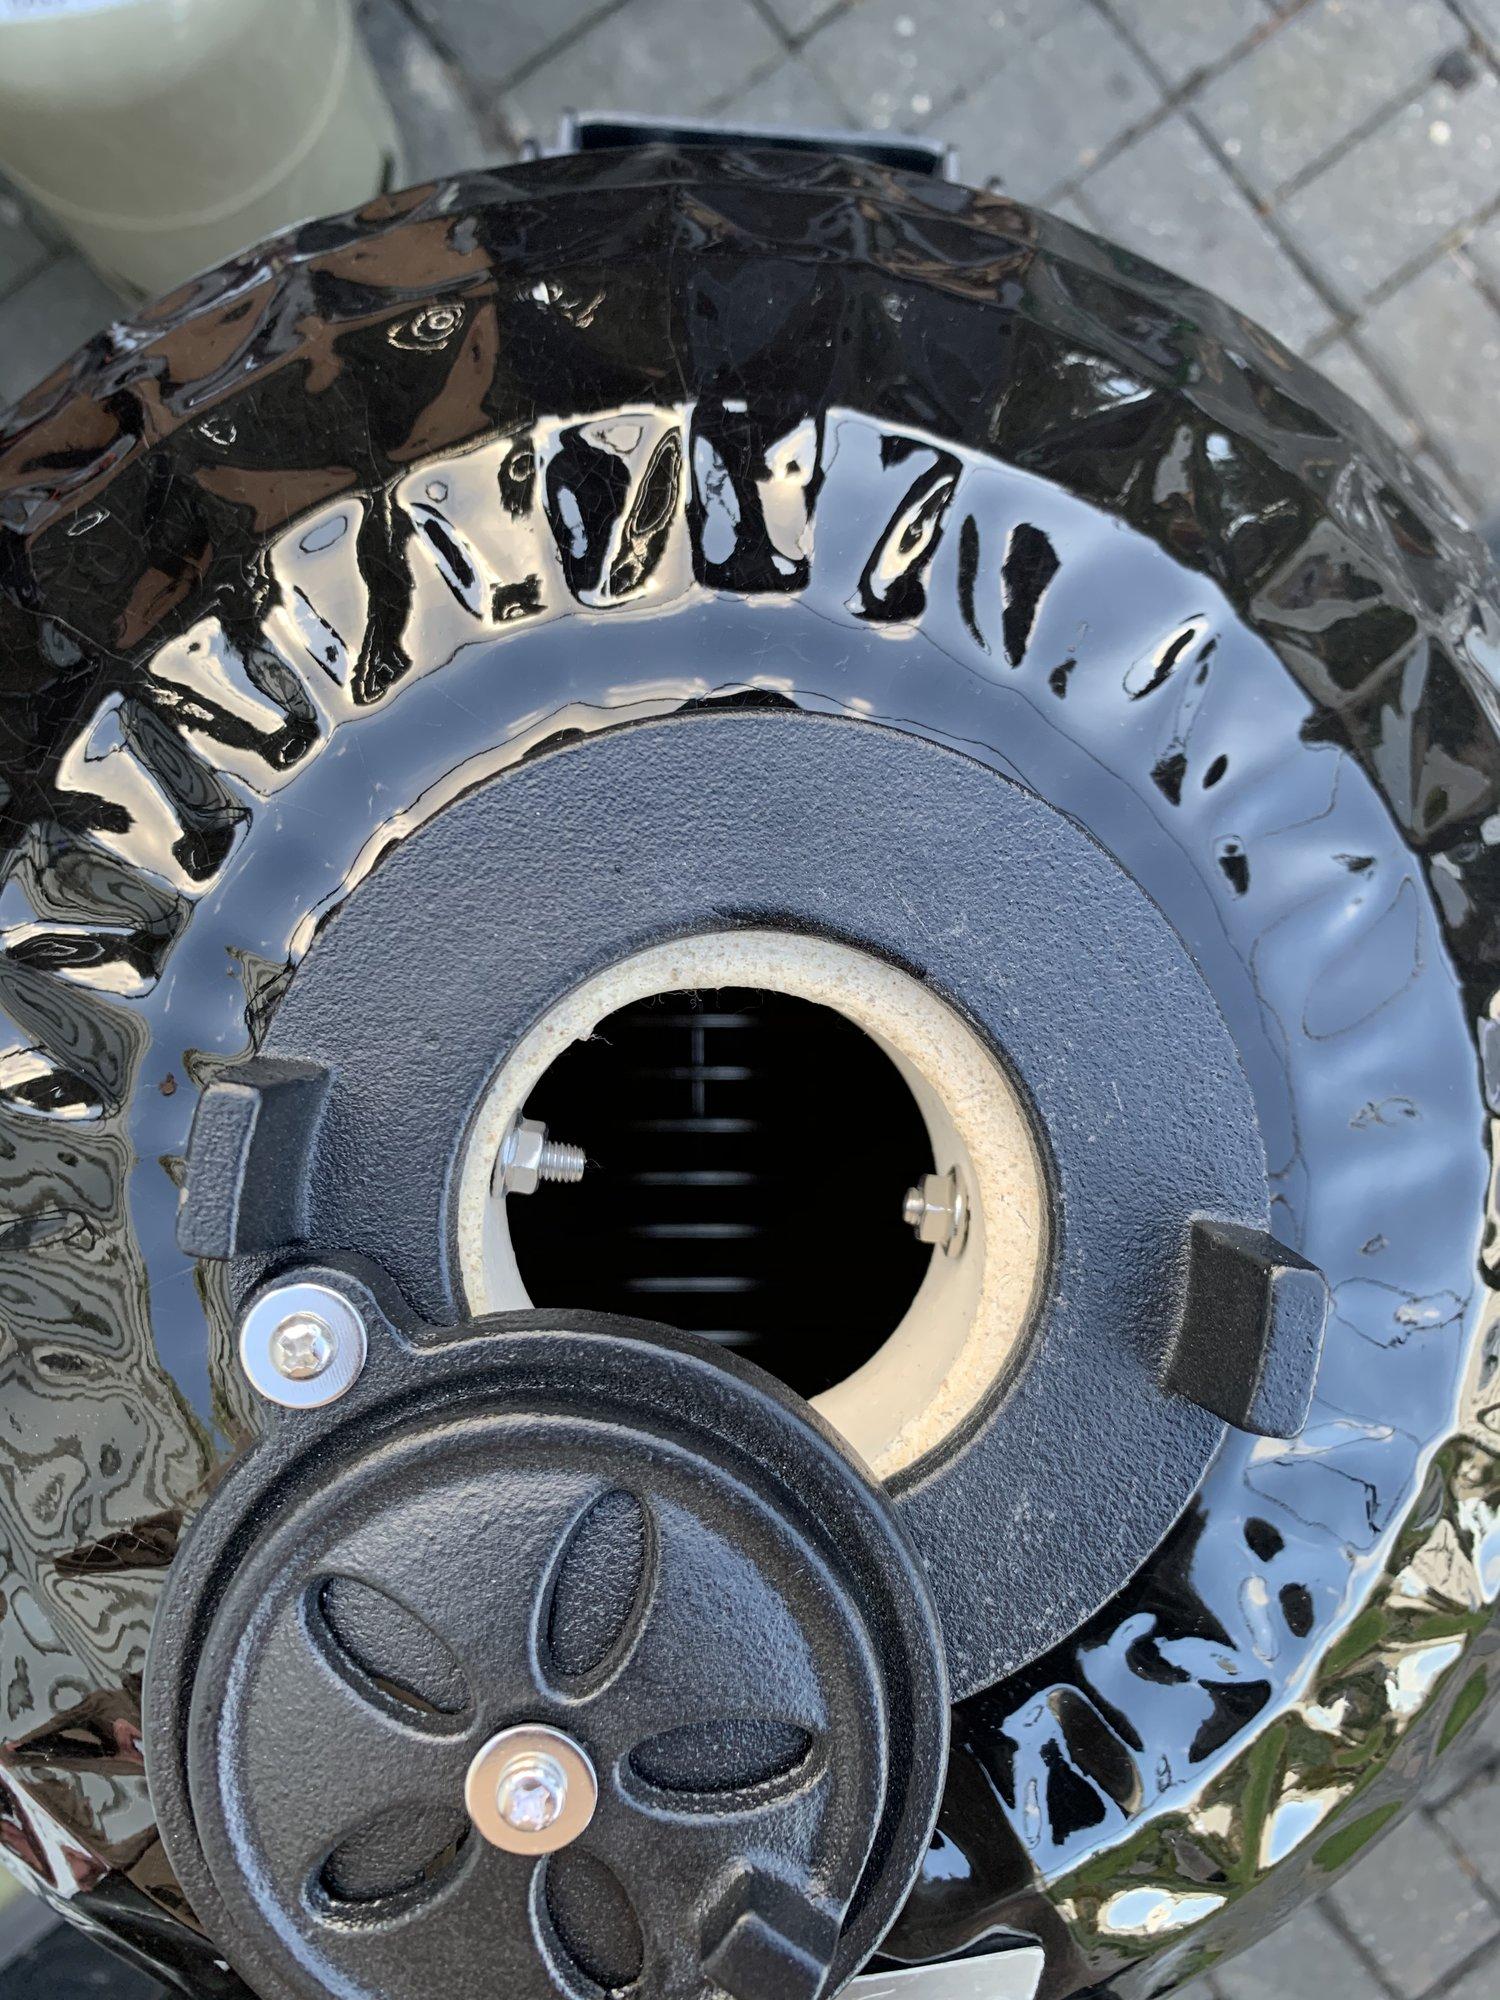 EF6D7869-78BD-43D2-A133-018CC5C95371.jpeg